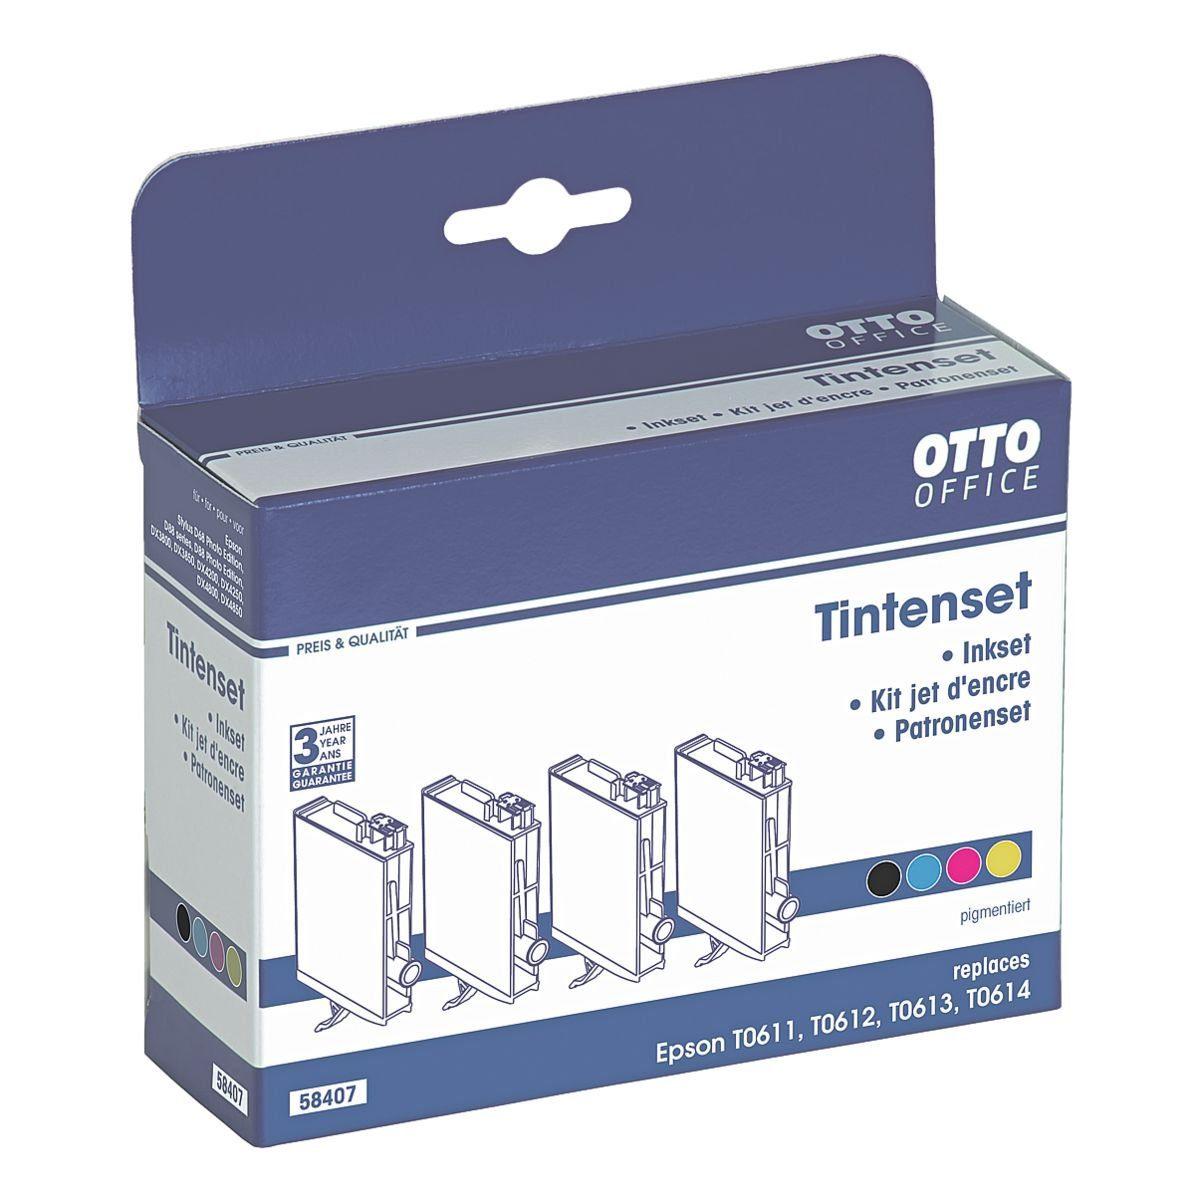 OTTO Office Standard Tintenpatronen-Set ersetzt Epson »T0615«